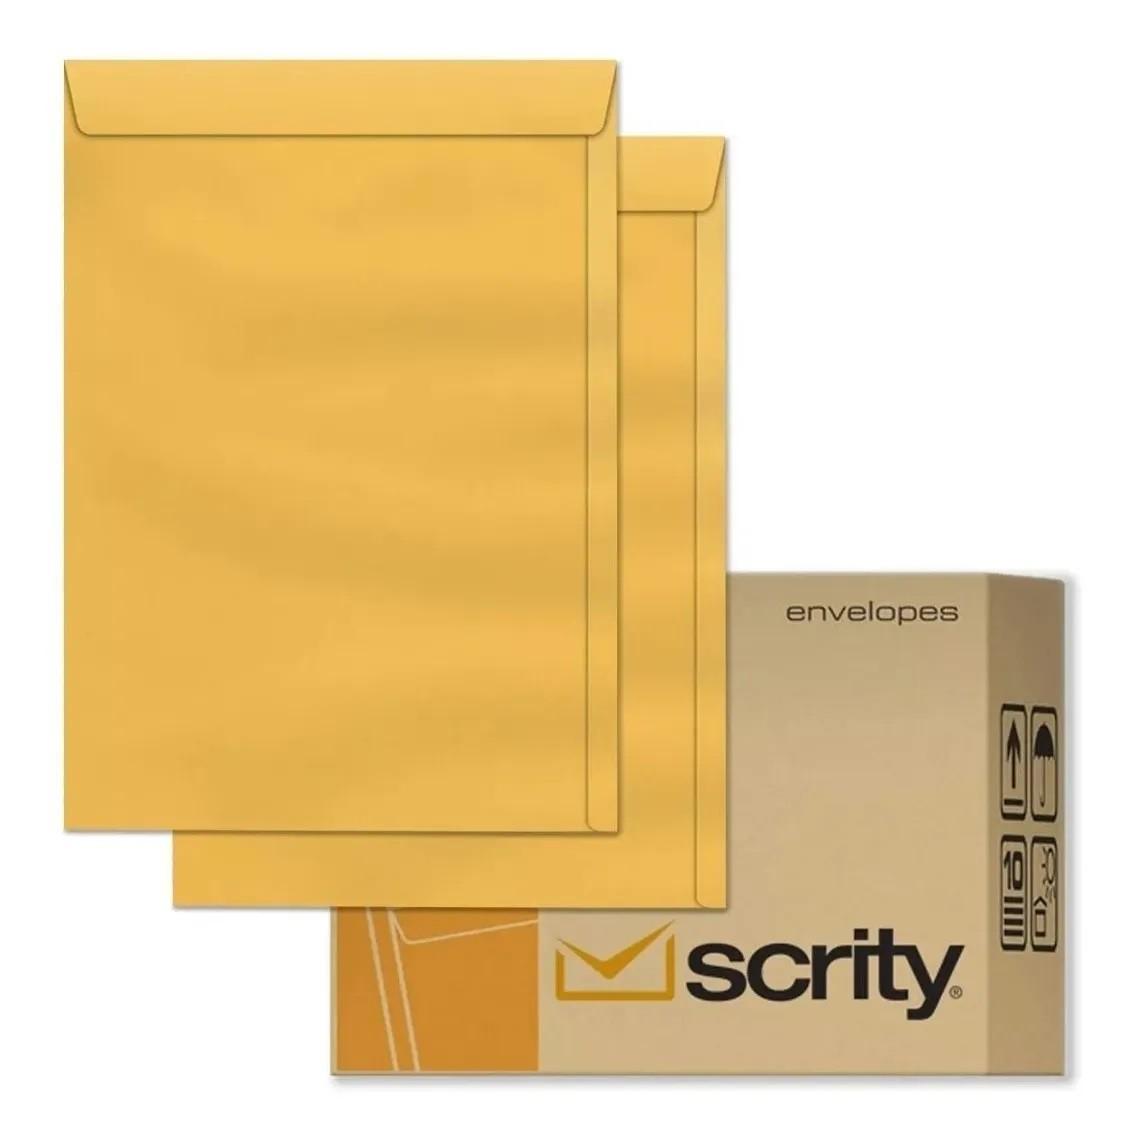 Caixa Envelope A4 Amarelo Ouro 229x324 250 unidades - Scrity